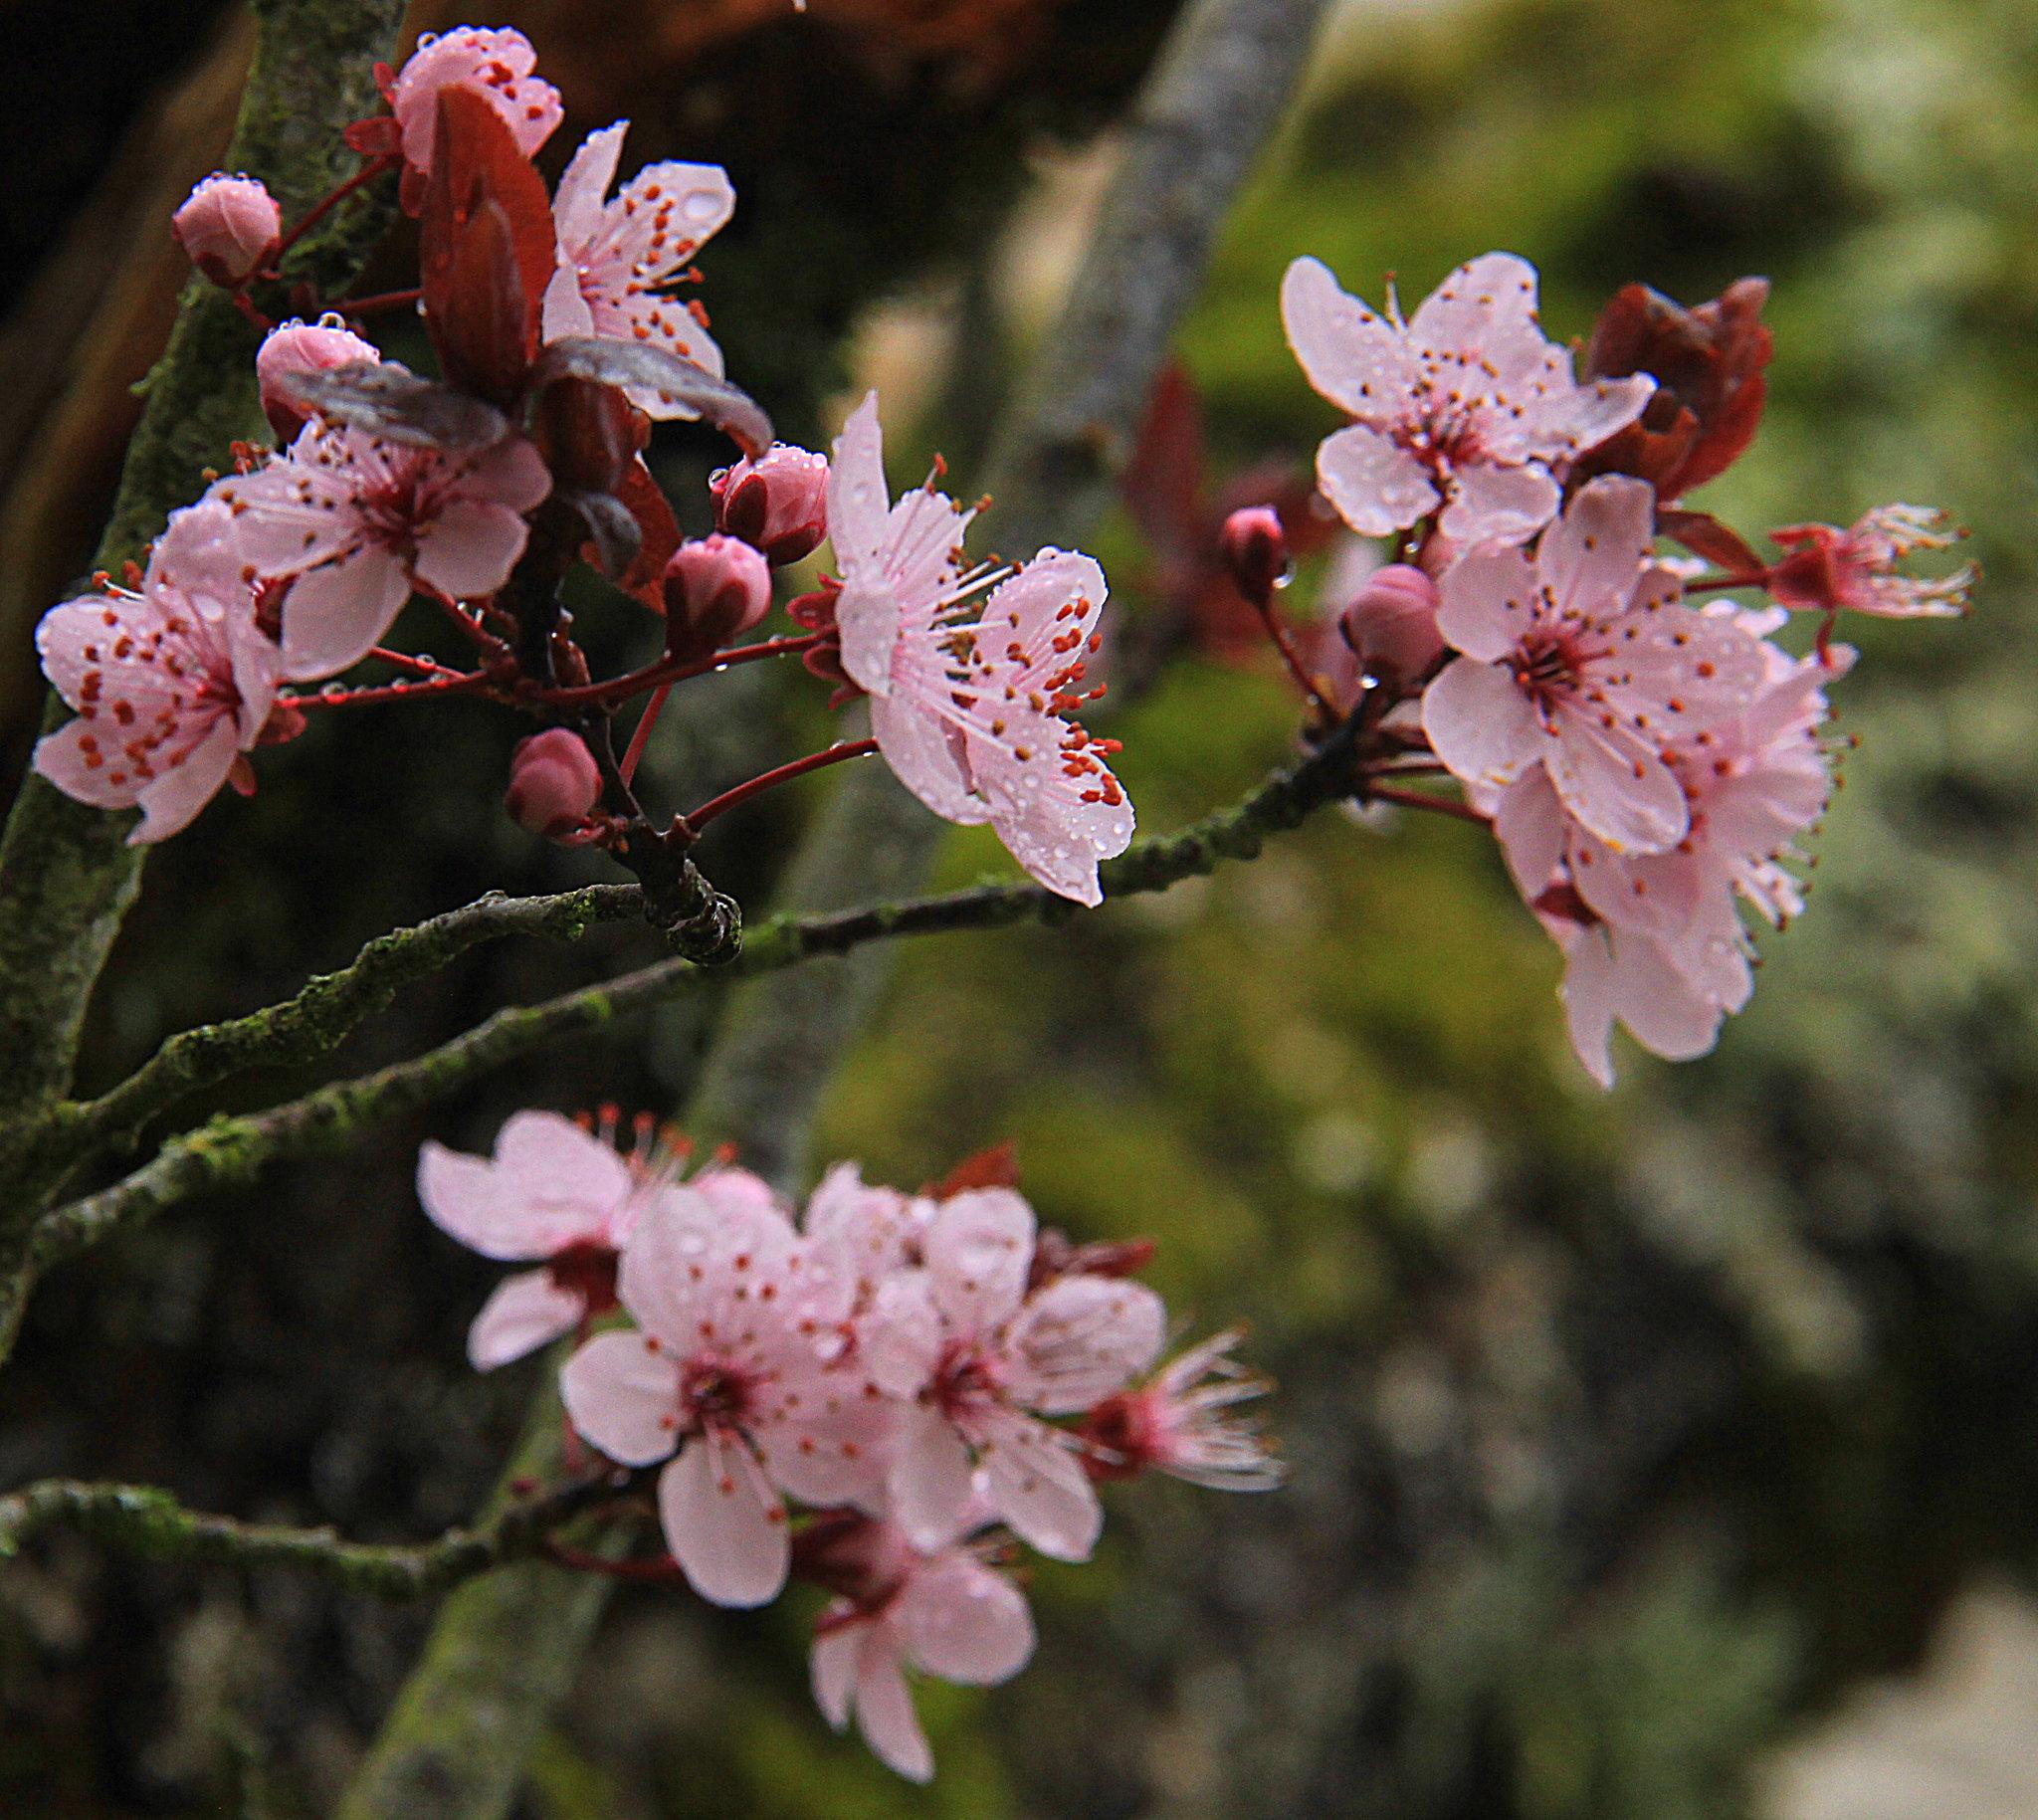 flowers blooming in spring in dordogne